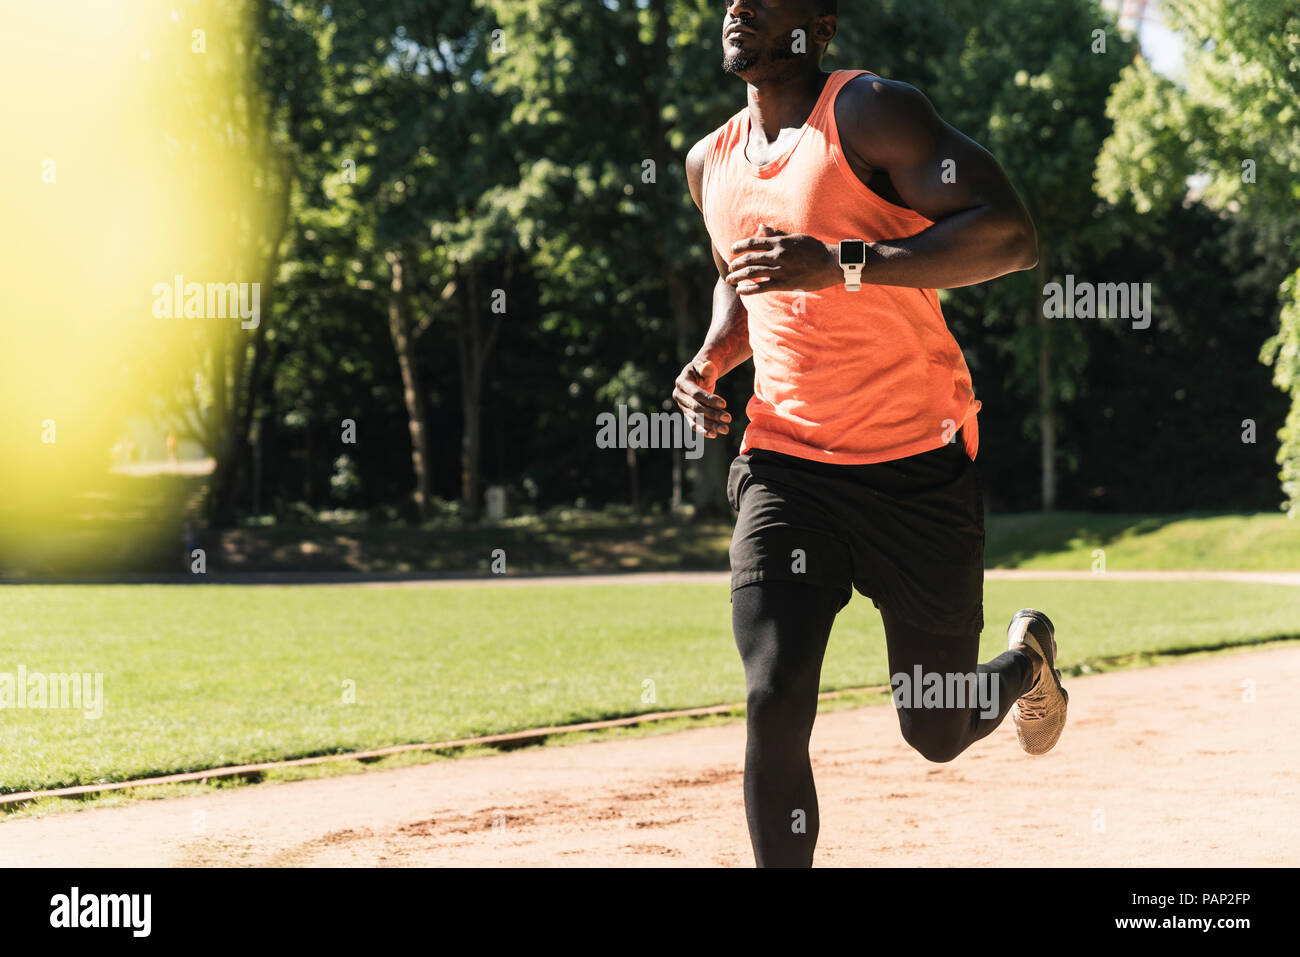 Joven atleta en deportes de campo entrenamiento running Imagen De Stock